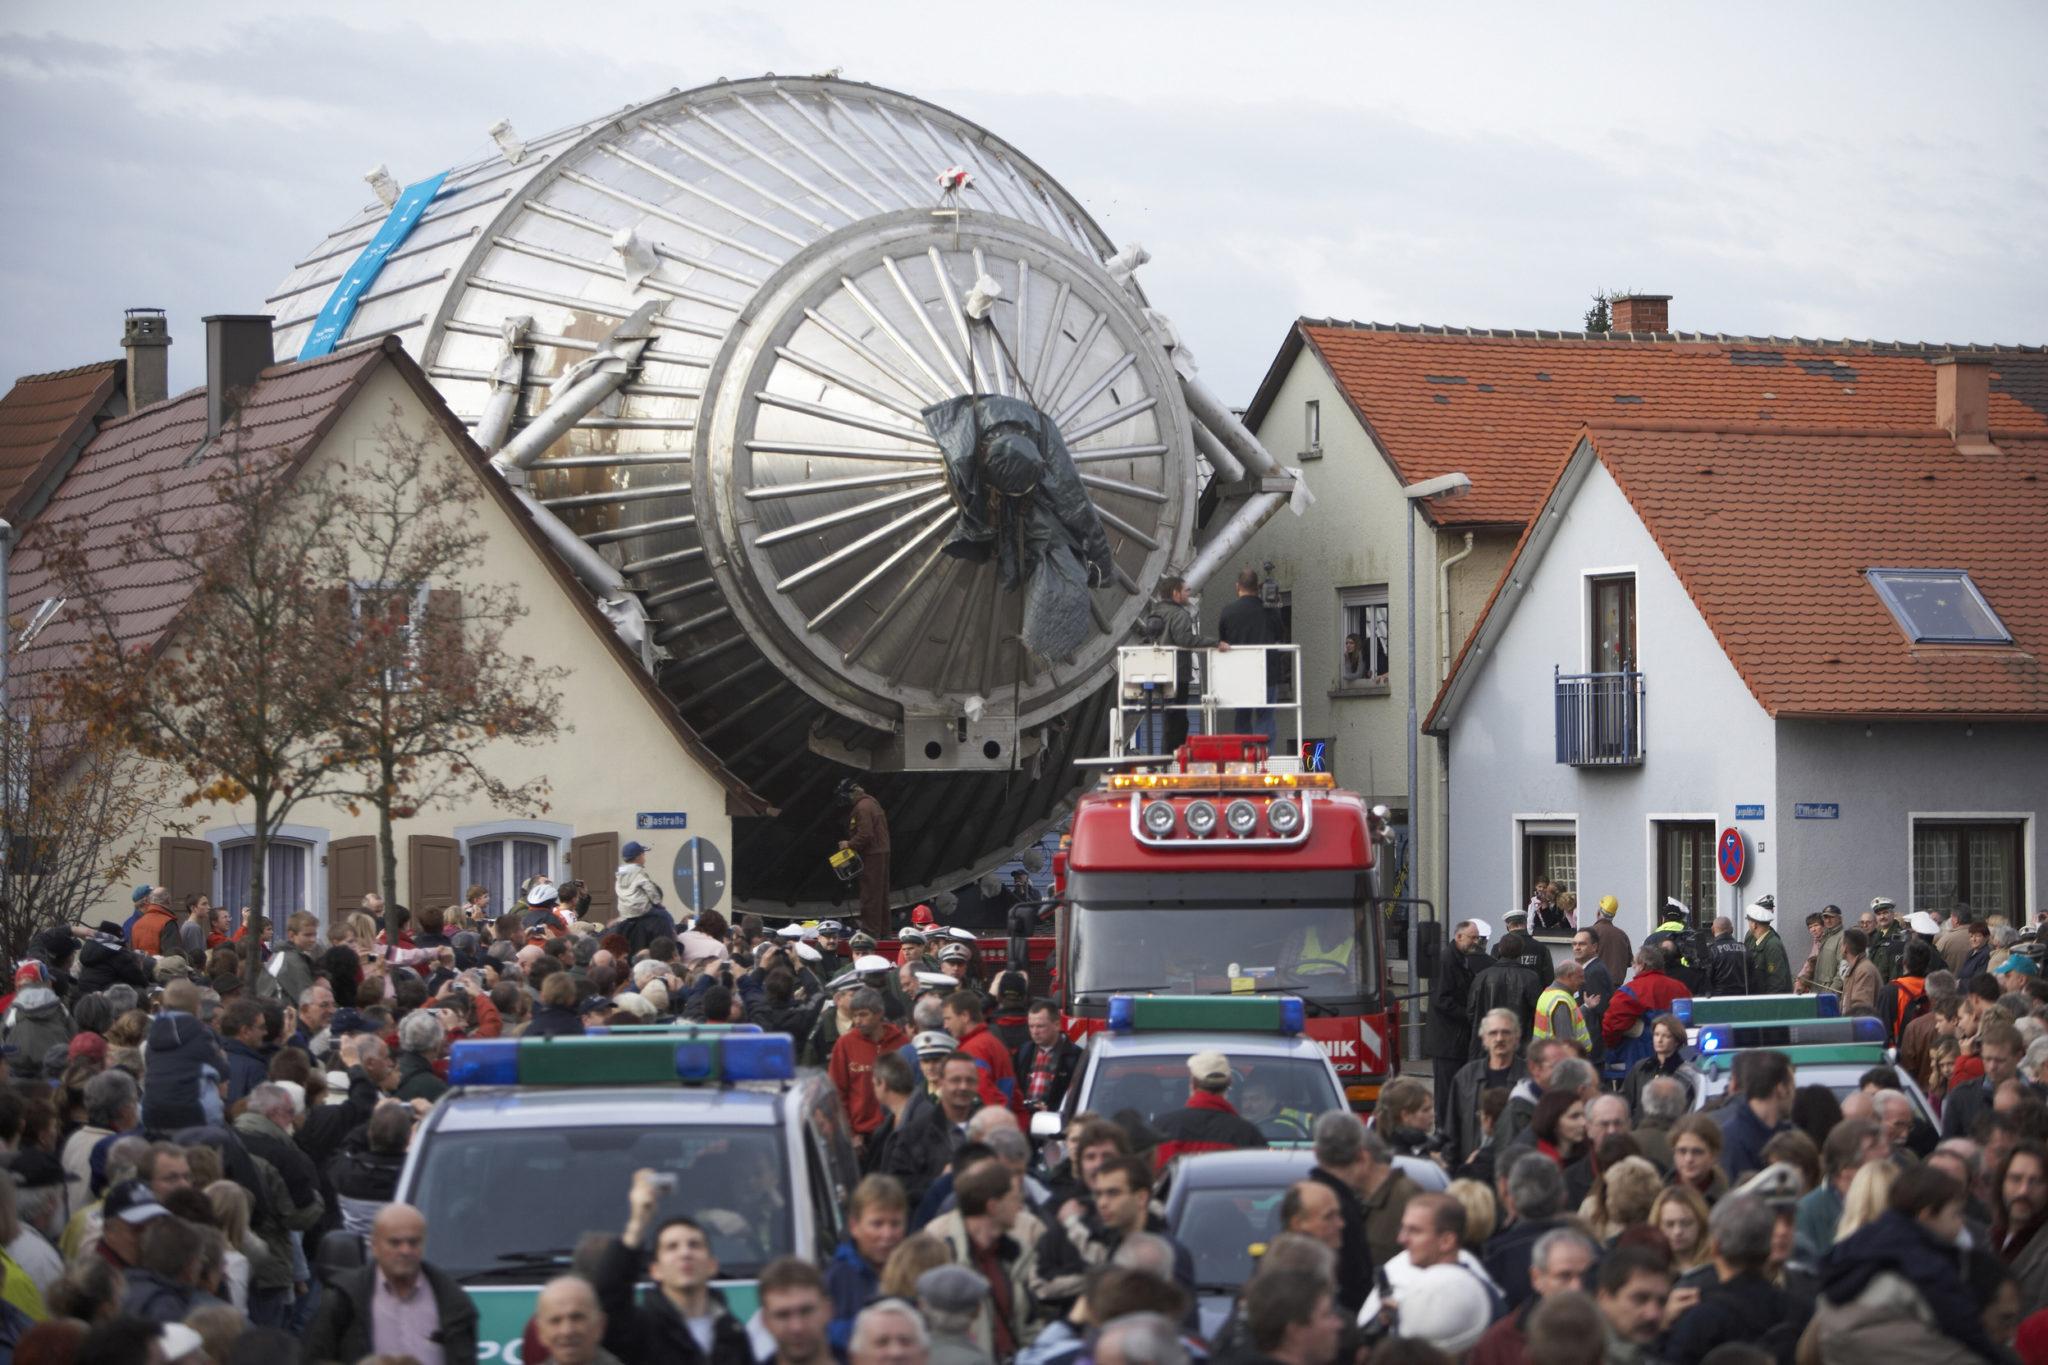 2006 год. Корпус спектрометра установки КАТРИН перевозится от пристани на Рейне в Технологический институт Карлсруэ